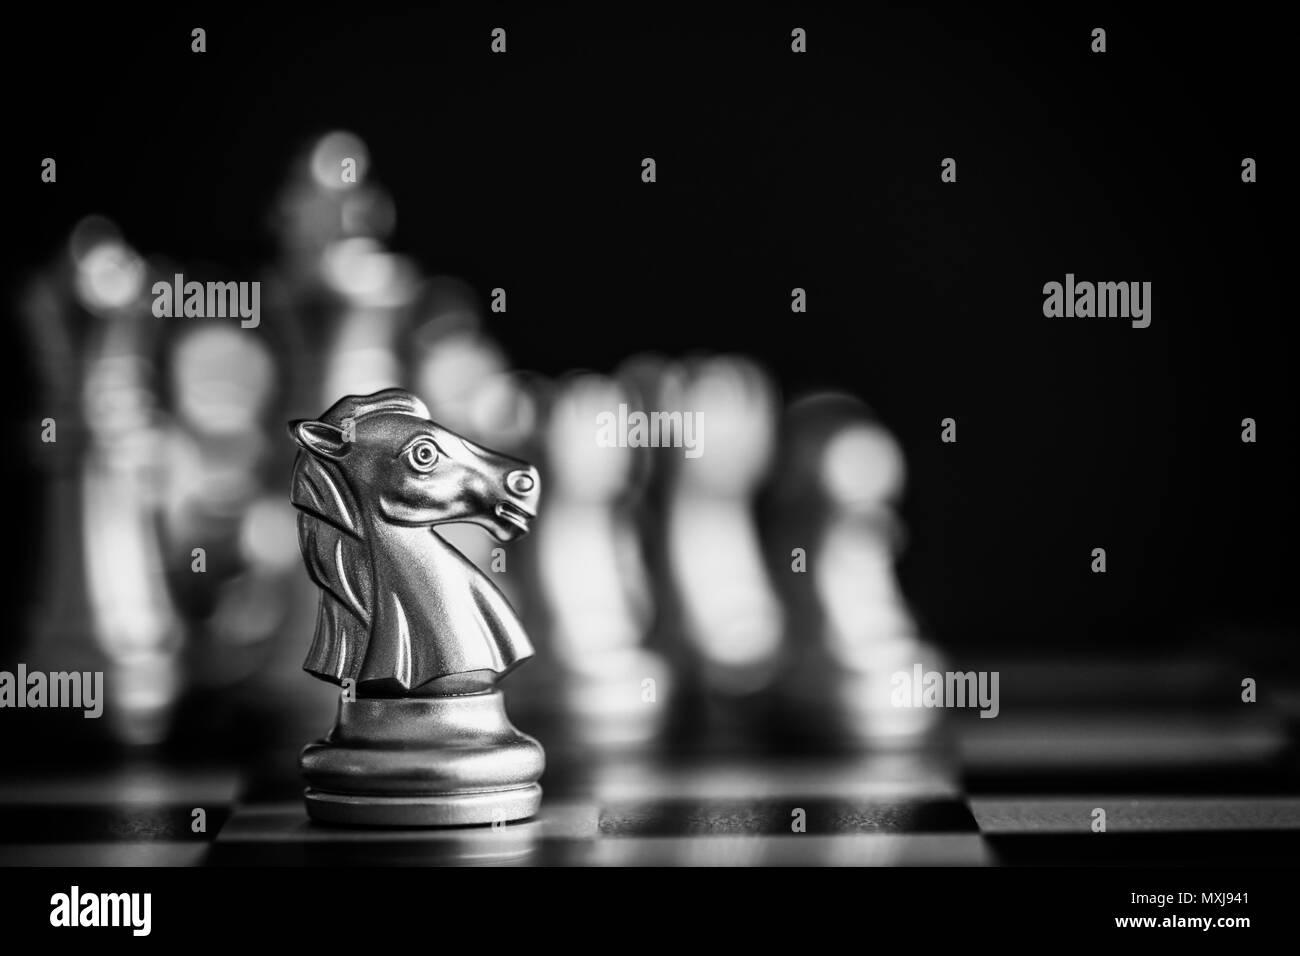 Strategia di battaglia di scacchi intelligenza gioco di sfida sulla scacchiera. Successo il concetto di strategia. Scacchi leader di business e successo idea. Strategia di scacchi Immagini Stock